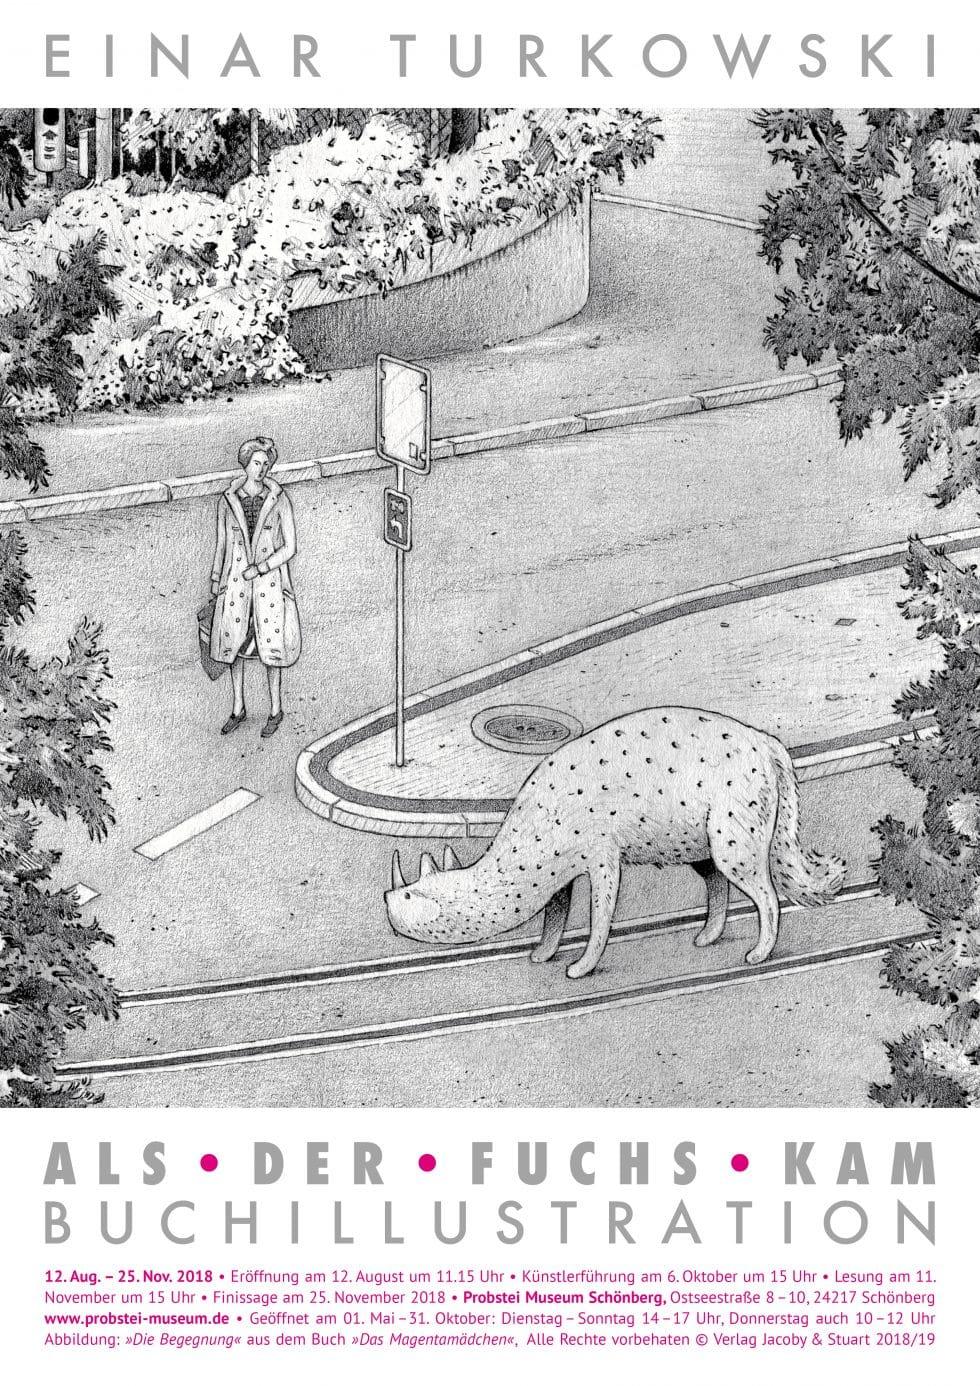 Plakat Ausstellung als der Fuchs kam - Einar Turkowski